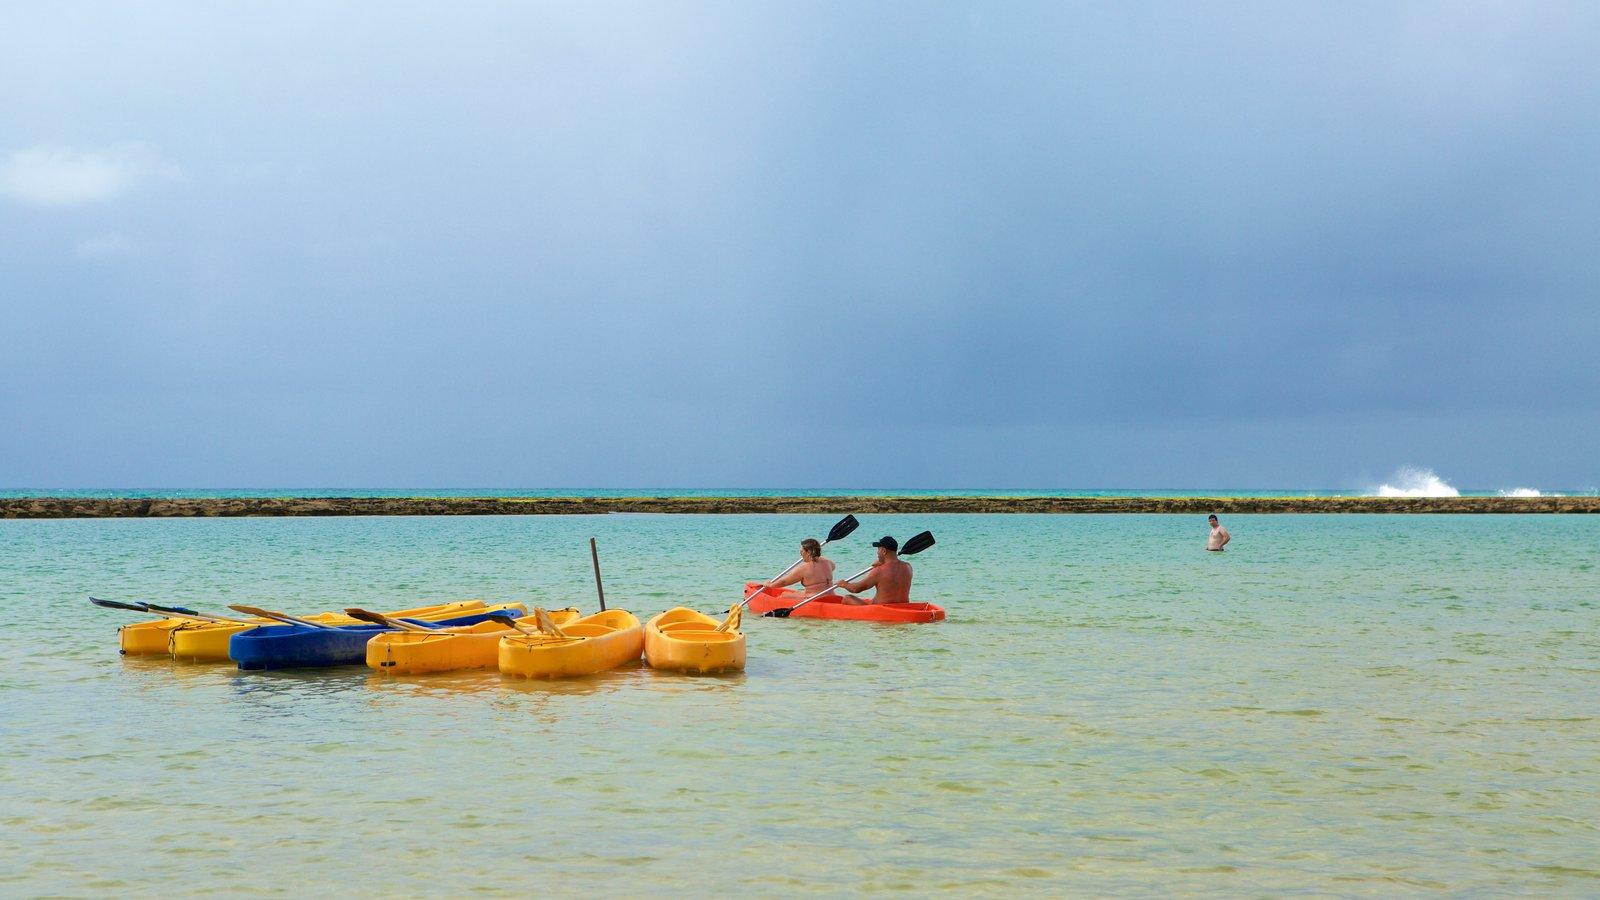 Muro Alto Beach que inclui paisagens litorâneas e caiaque ou canoagem assim como um pequeno grupo de pessoas